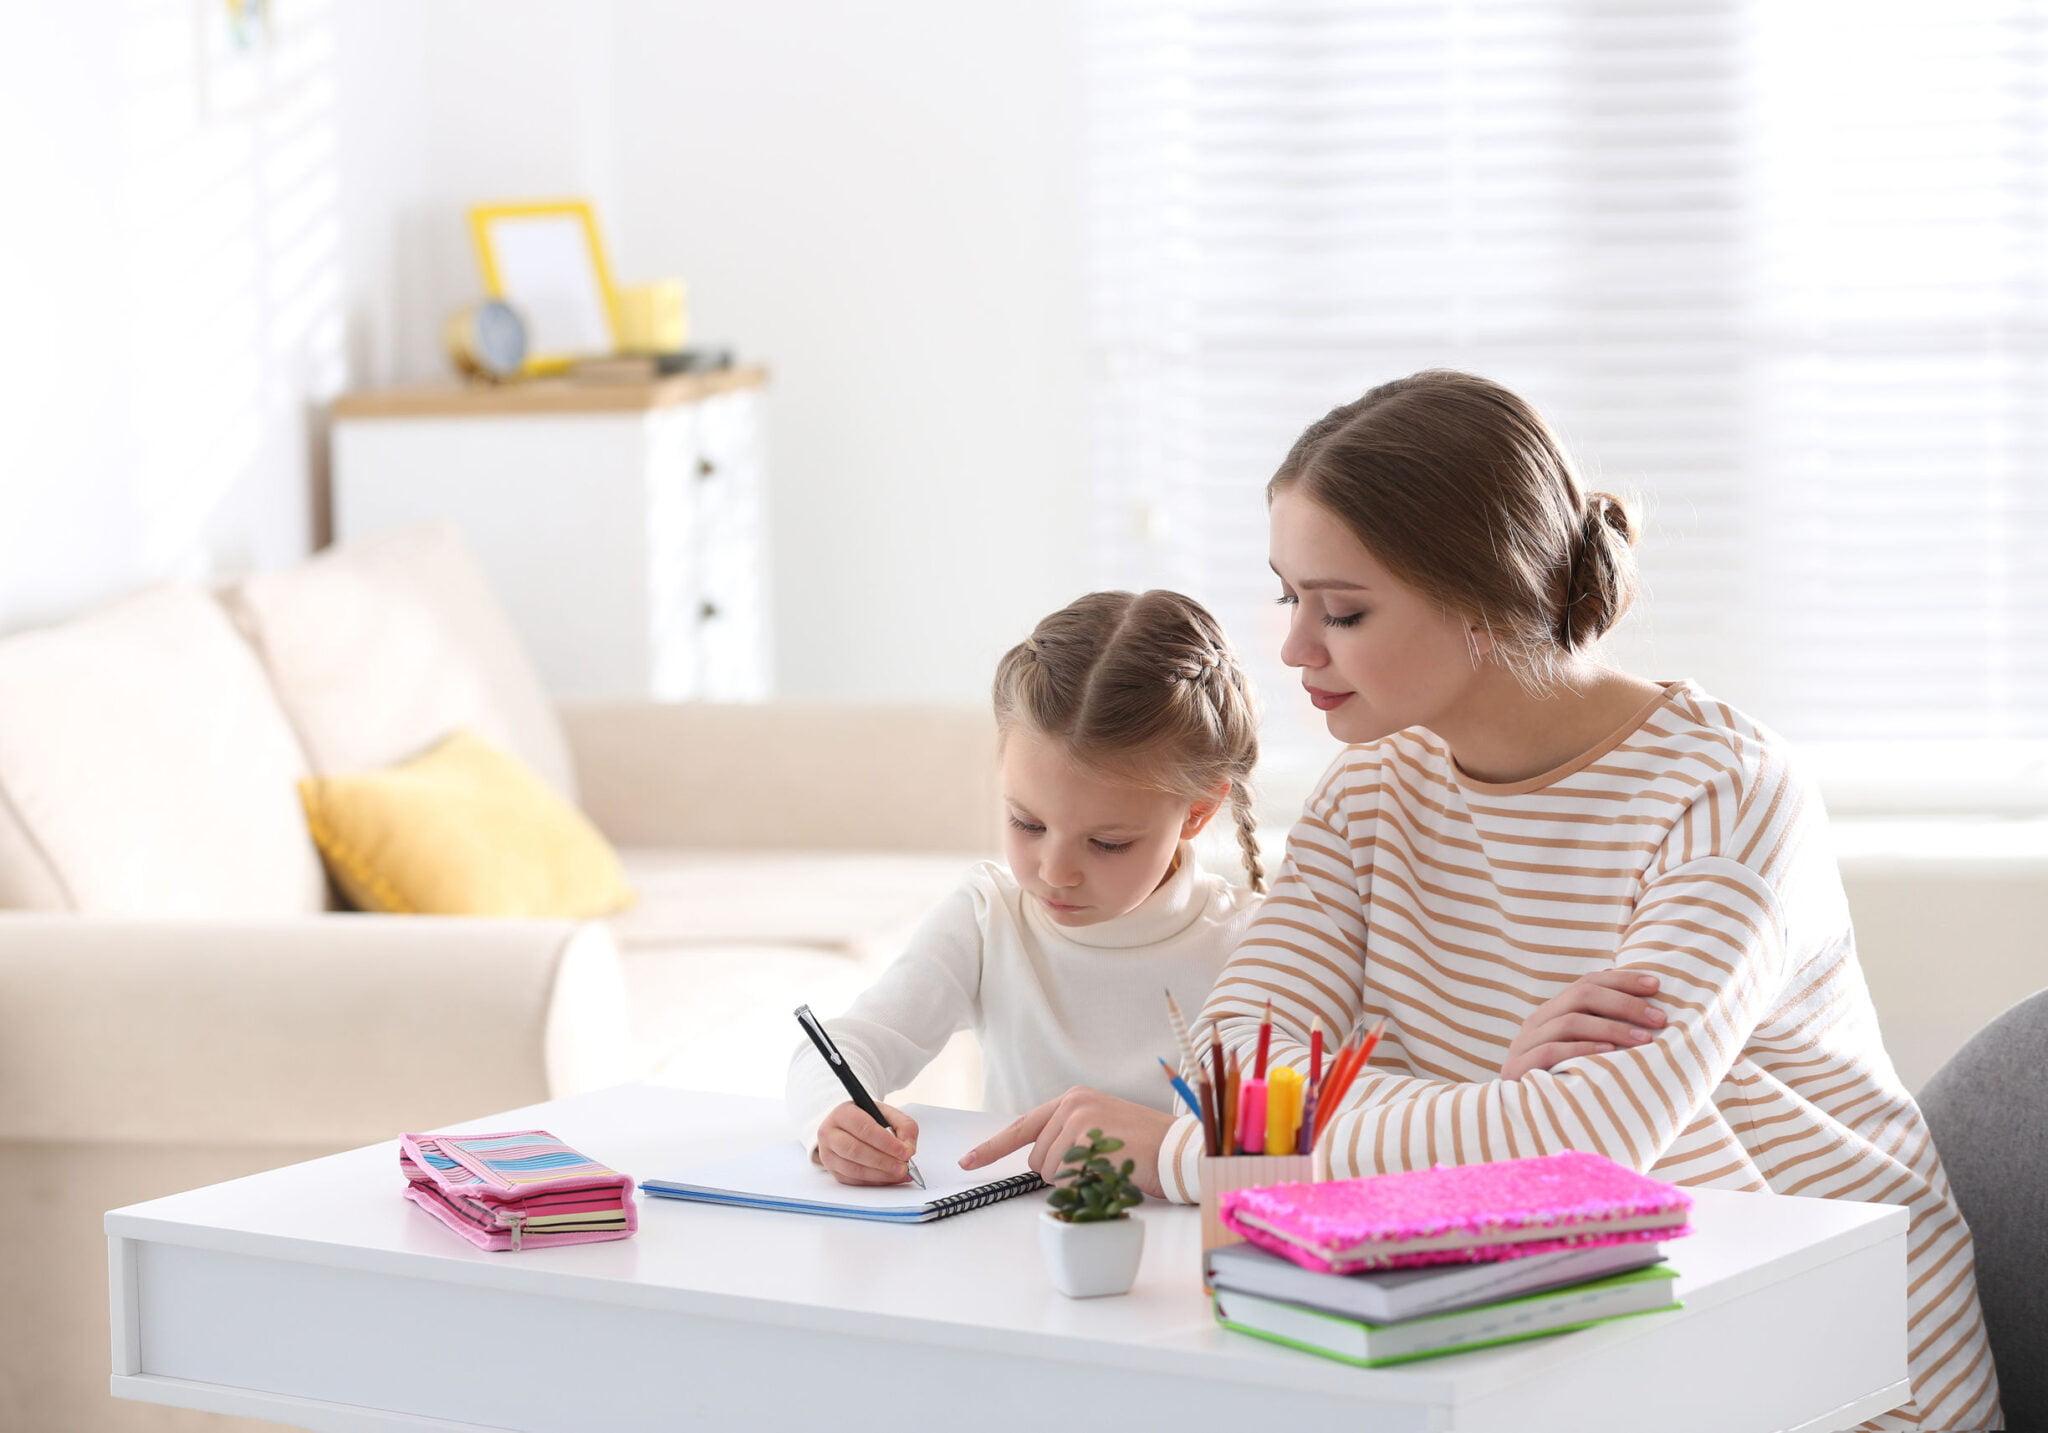 Thuisonderwijs gratis lesmateriaal; werkbladen en werkboekjes voor kleuters, groep 3, 4, 5, 6, 7 en 8 voor lezen, rekenen, taal en spelling - Mamaliefde.nl